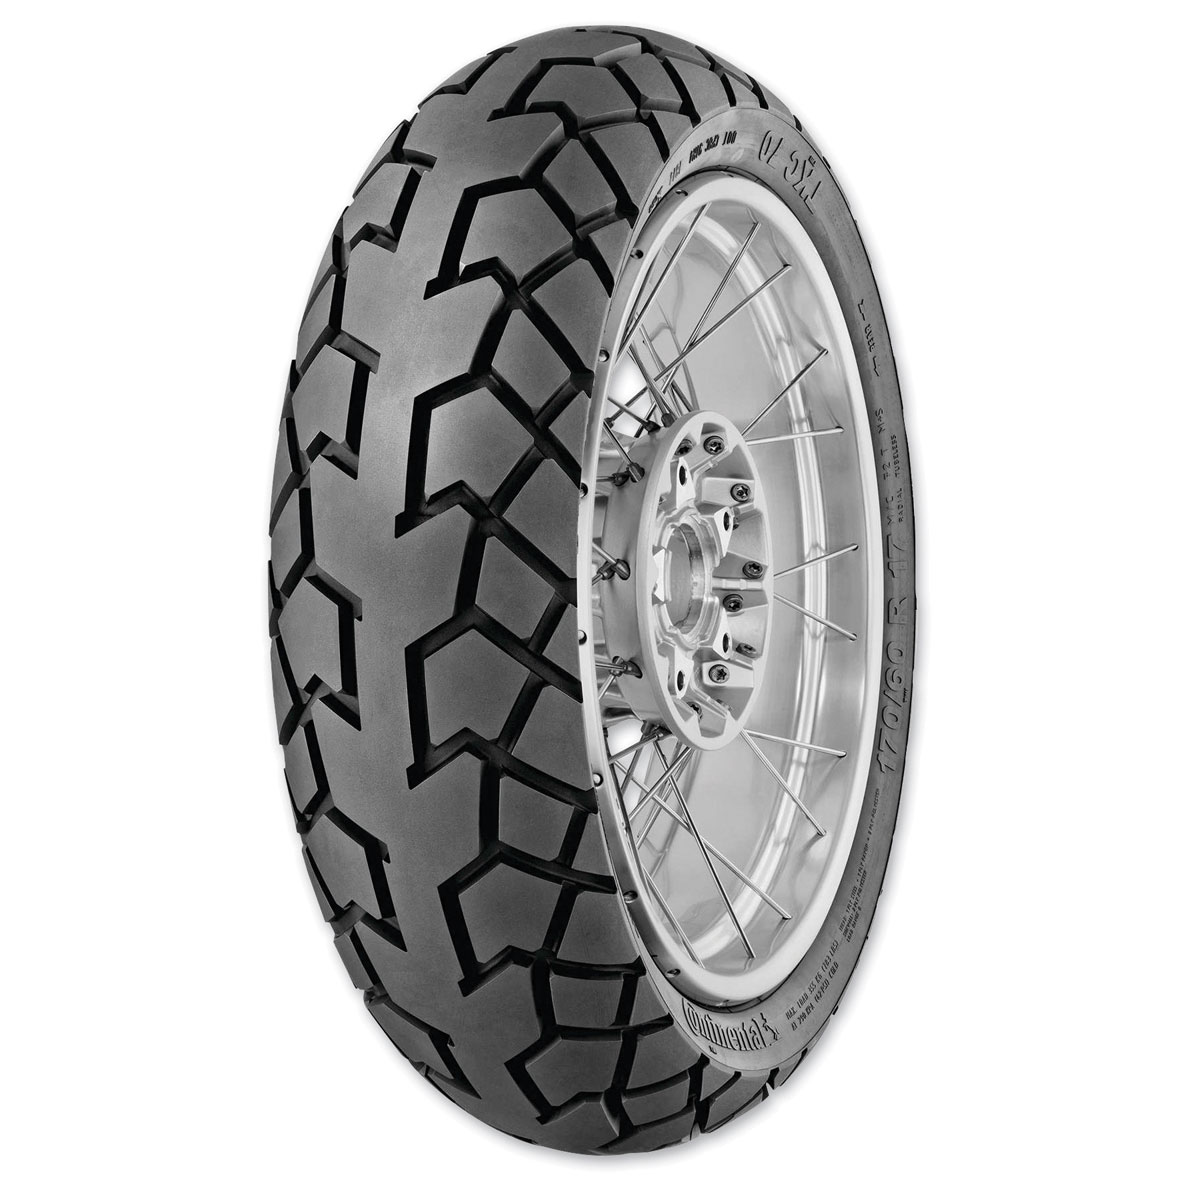 Continental TKC70 160/60R17 Rear Tire